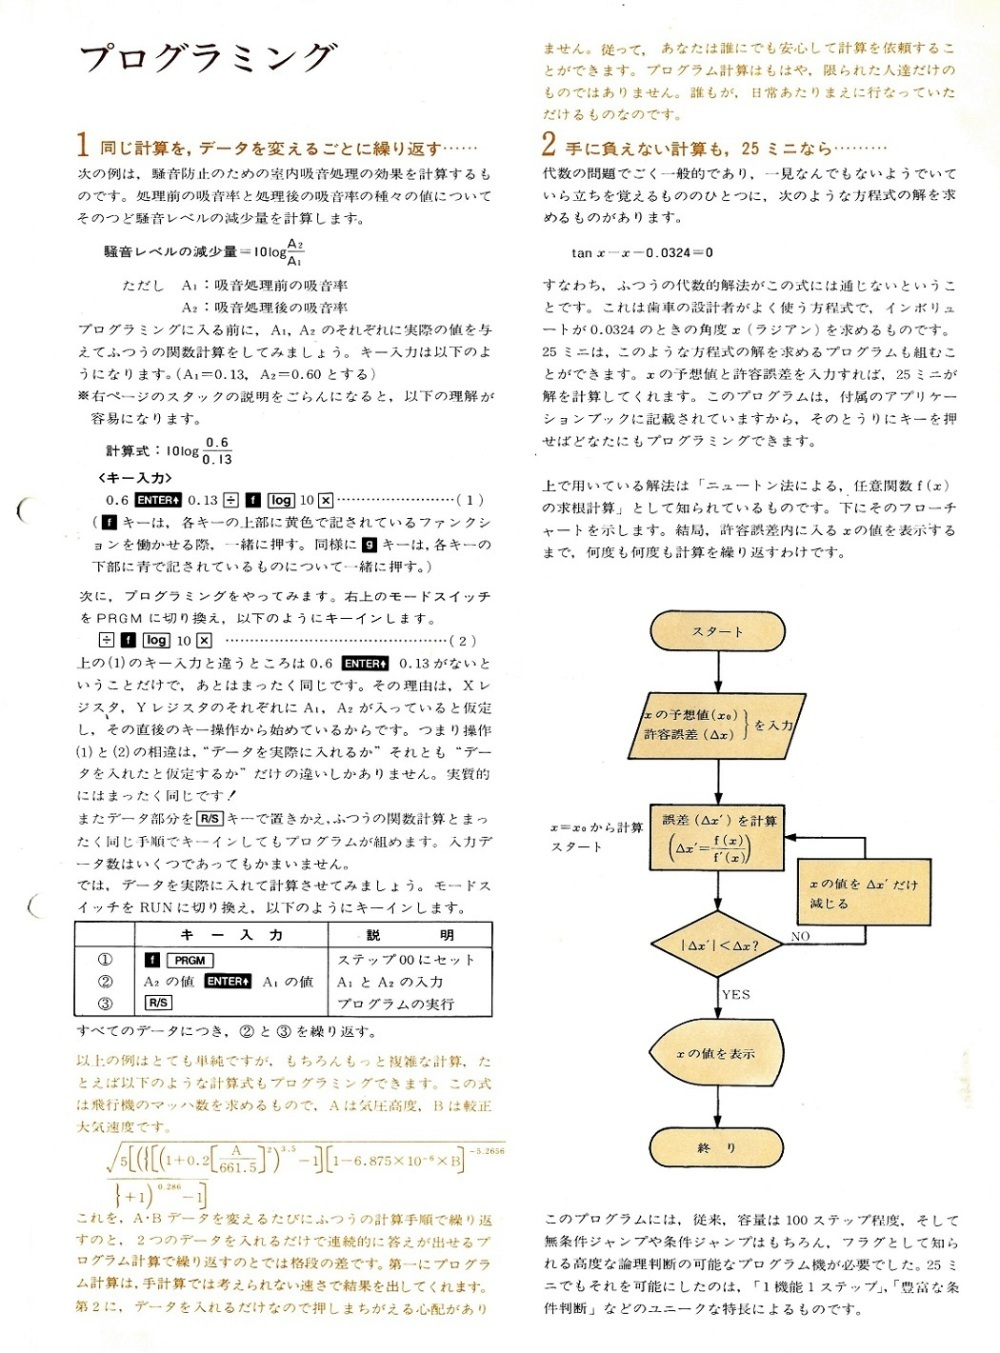 お宝古文書 ( HP25カタログ No3 )_c0335218_19172140.jpg